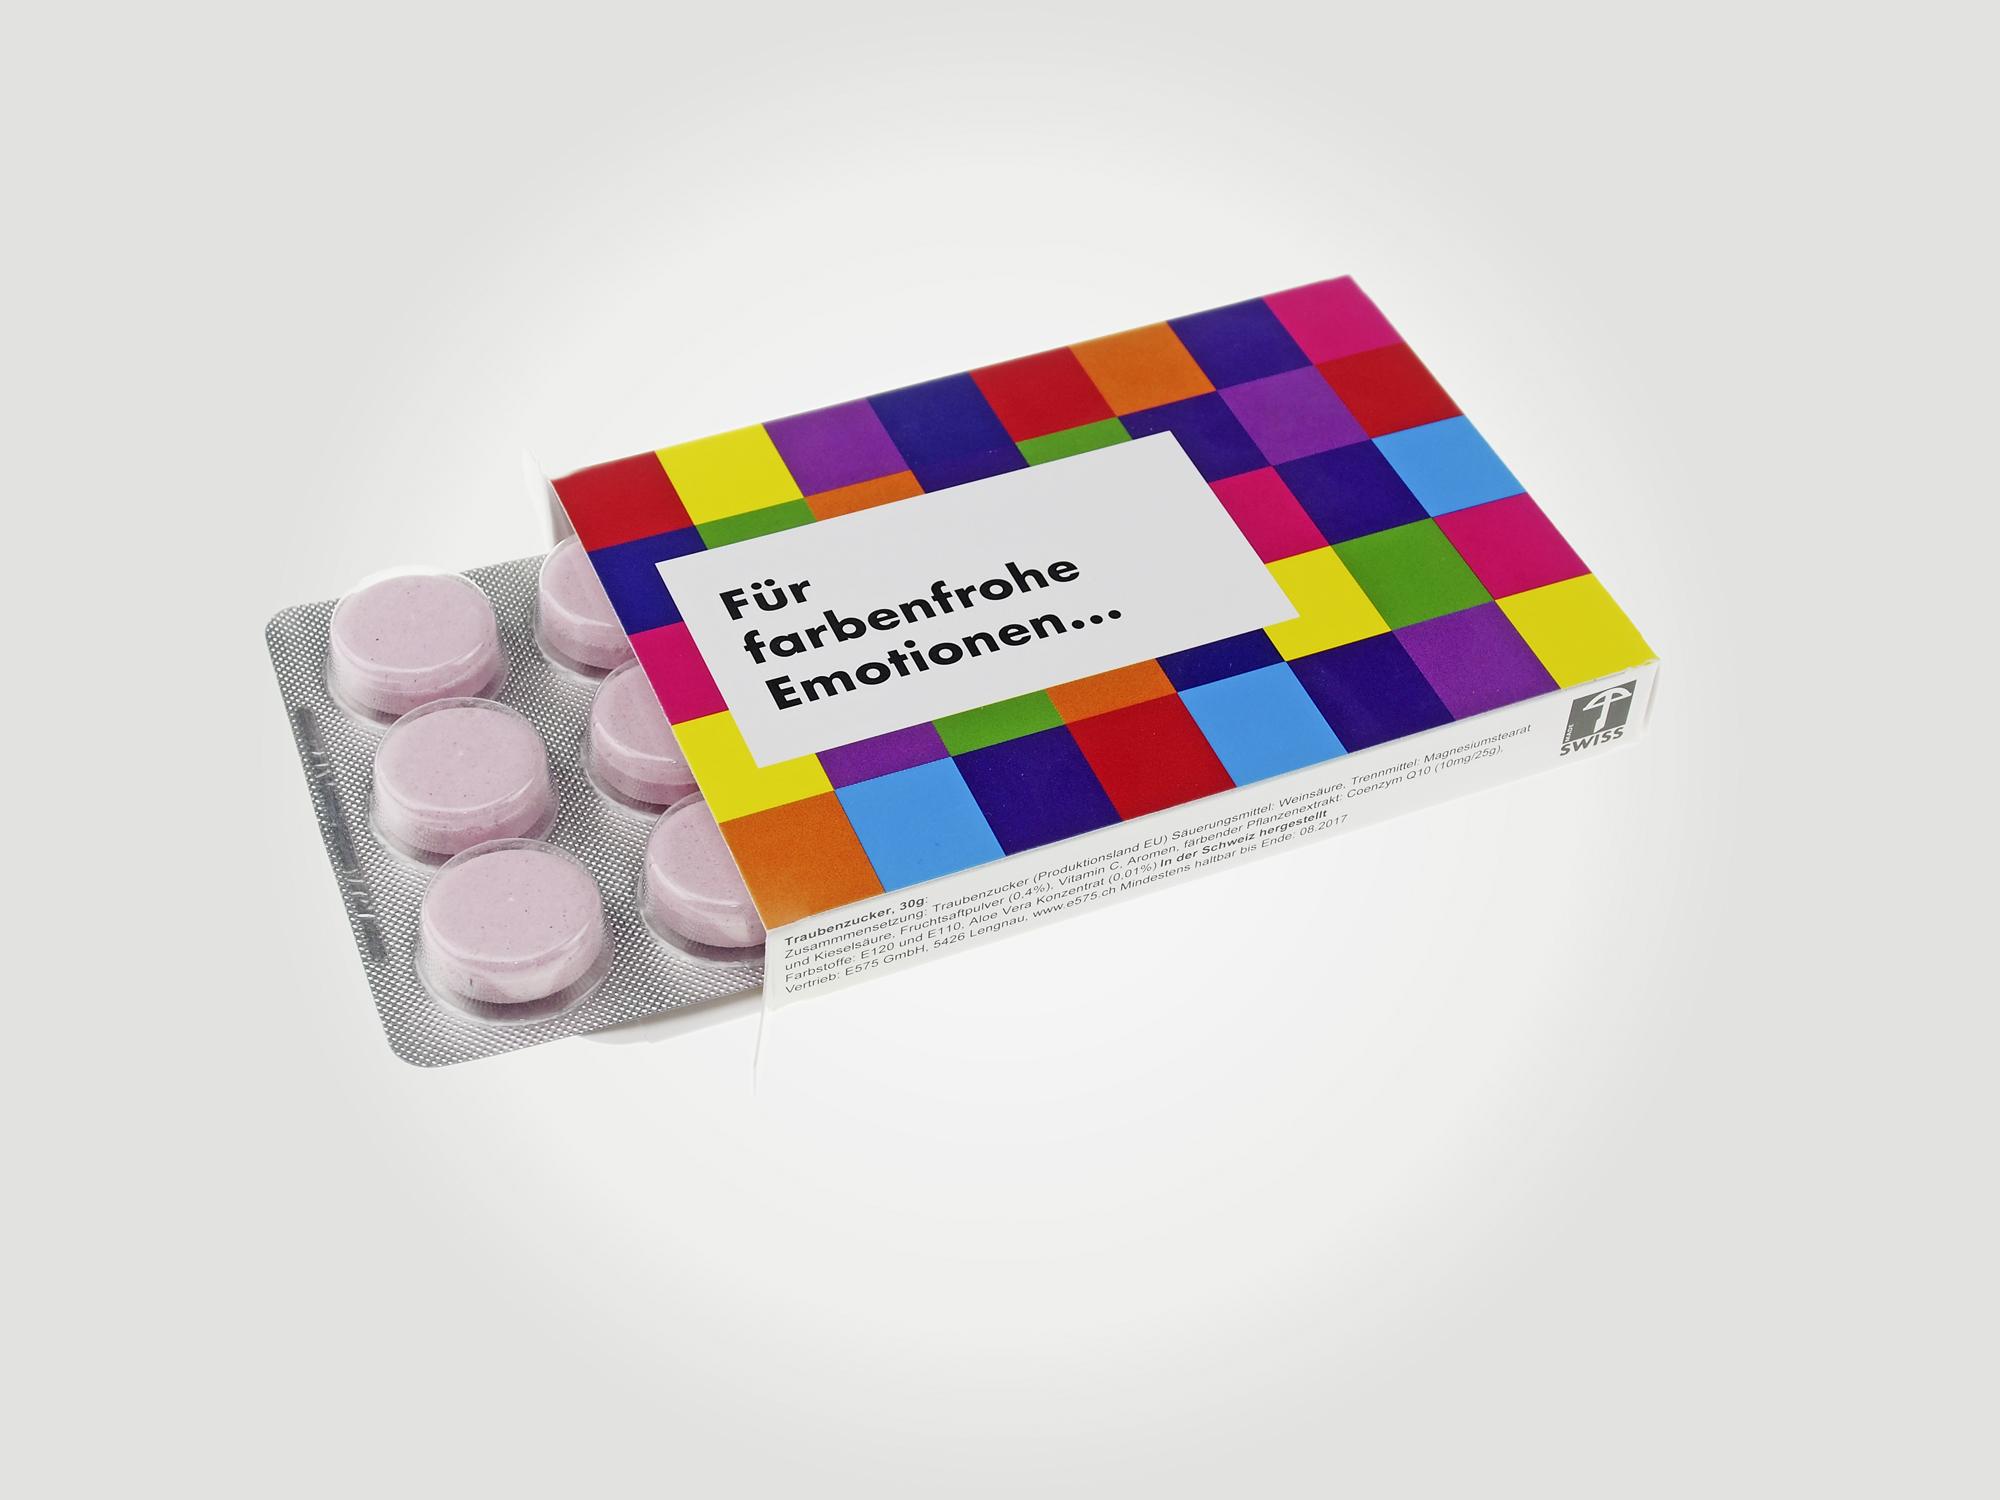 Produkteverpackungen_Traubenzucker_2000px